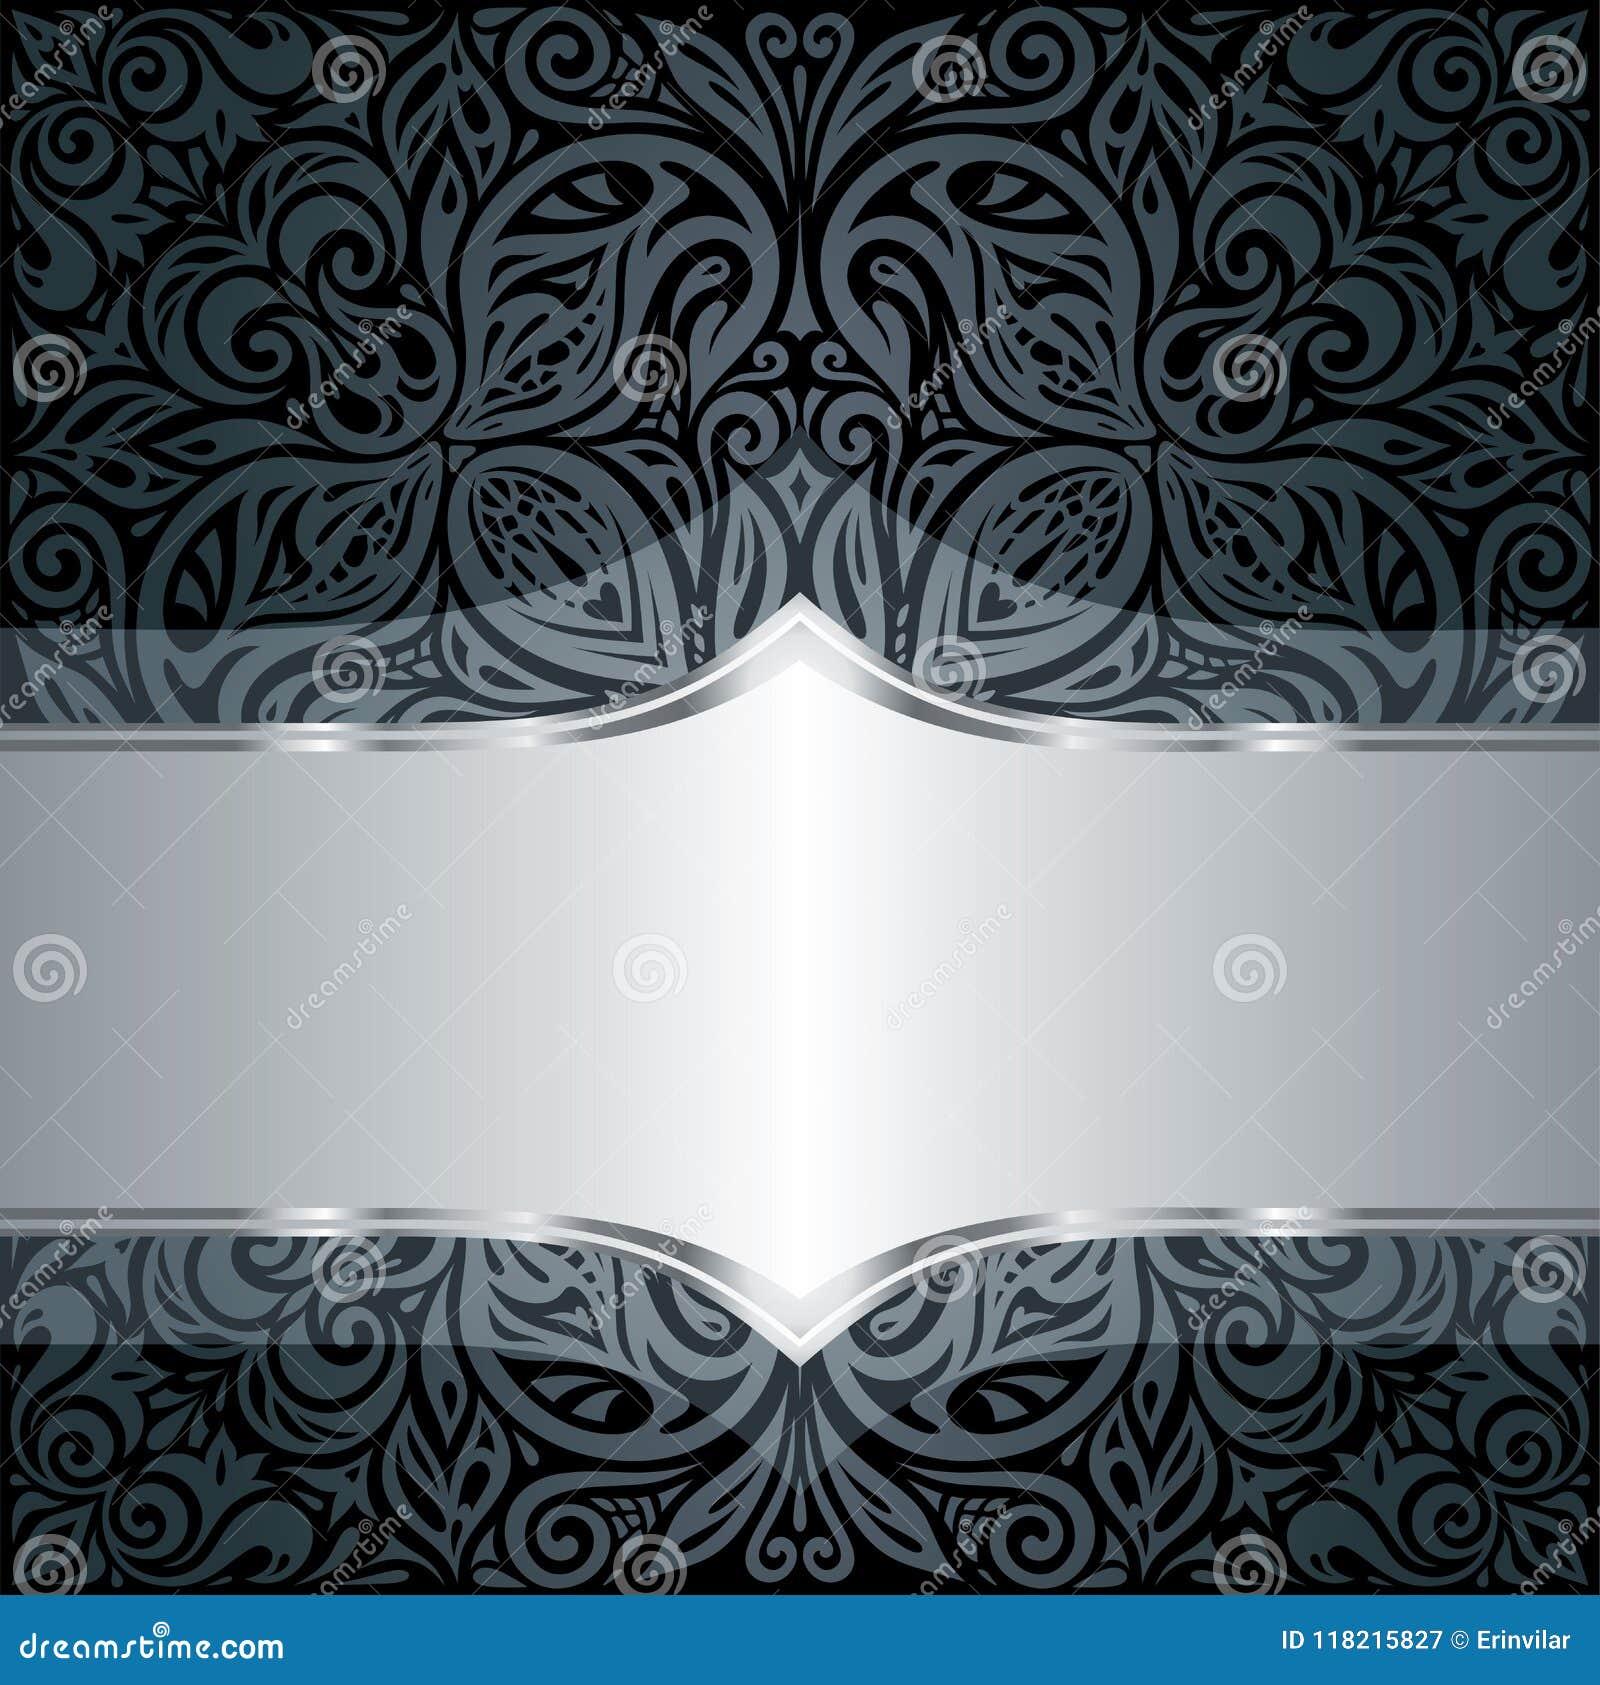 Fond De Luxe Floral Noir Et Argente Decoratif De Papier Peint Avec